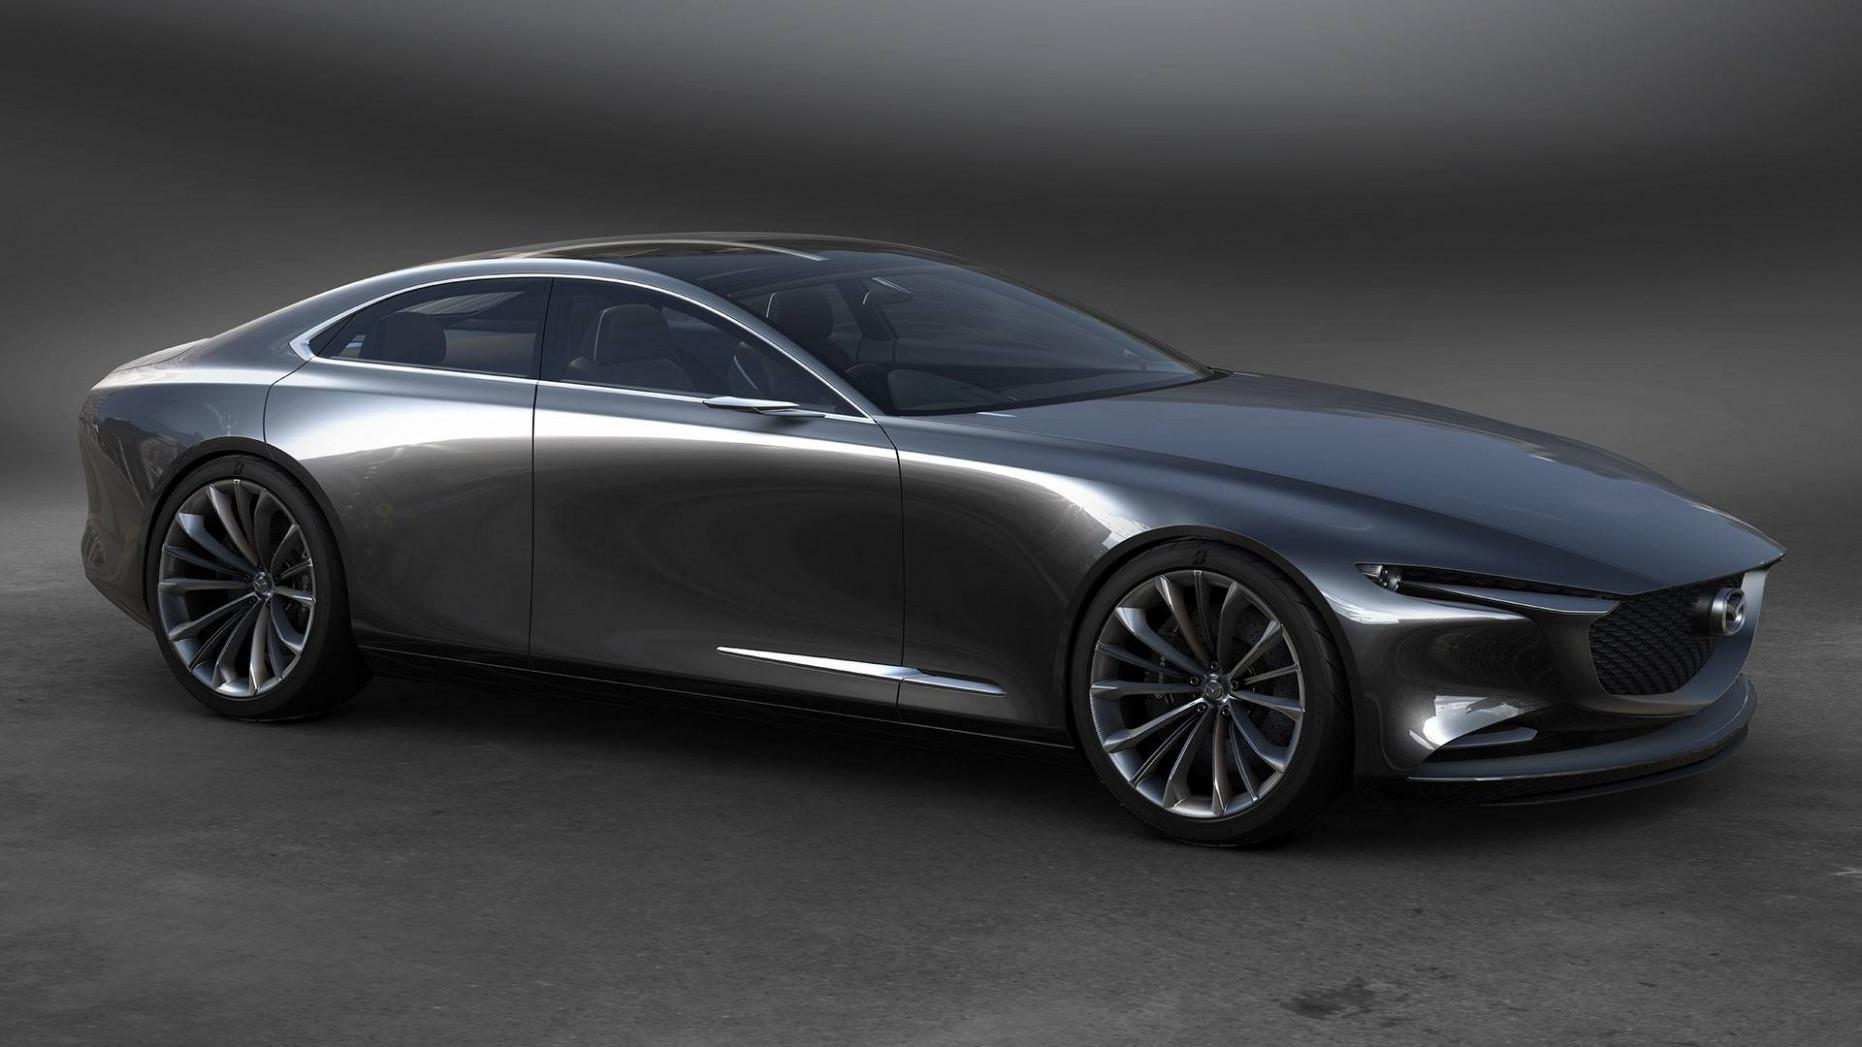 Review 2022 Mazda 6s